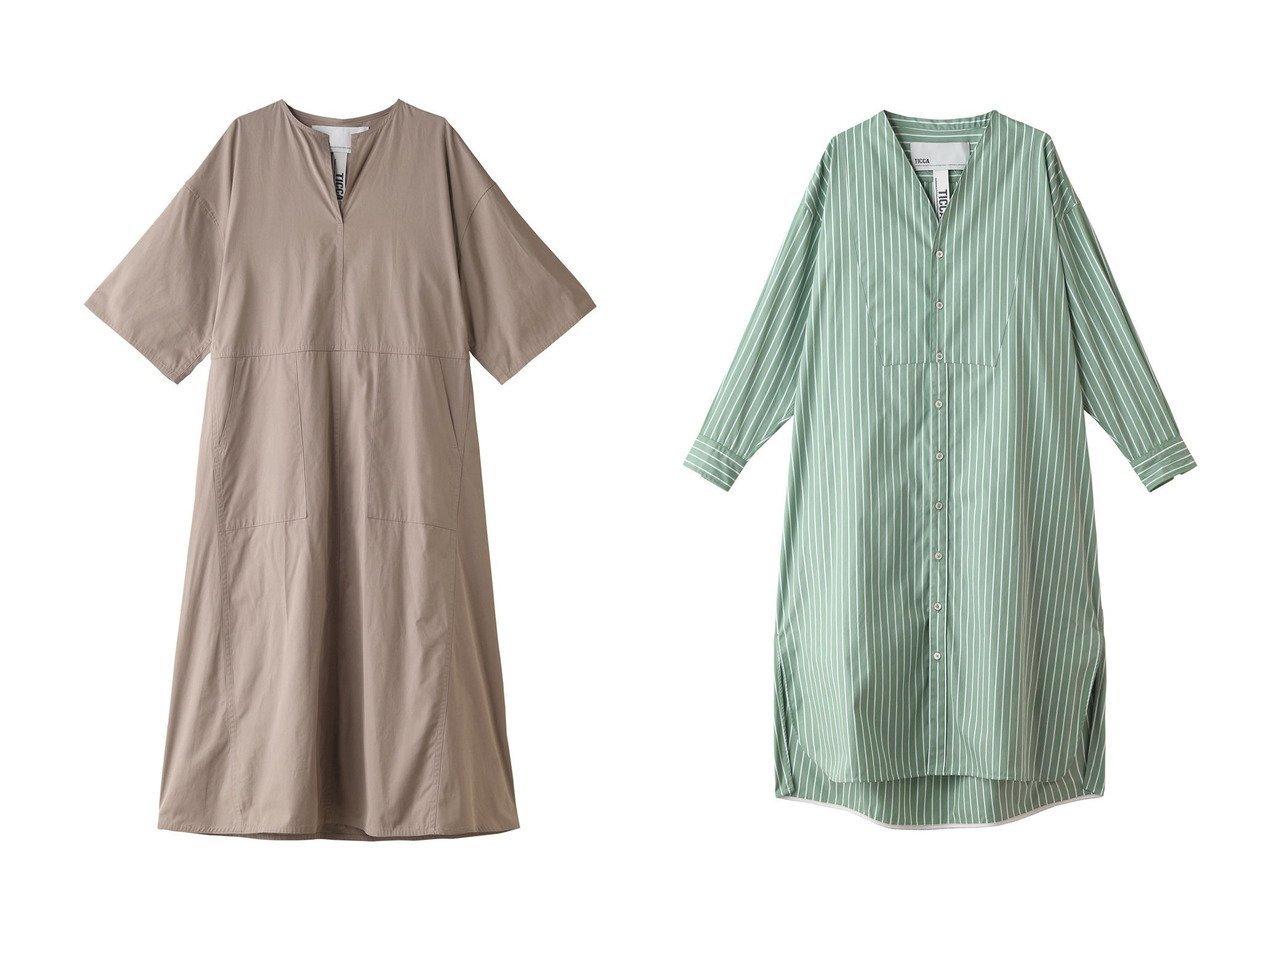 【TICCA/ティッカ】のキーネックロングドレス&ストライプロングシャツカーディガン ワンピース・ドレスのおすすめ!人気、トレンド・レディースファッションの通販 おすすめで人気の流行・トレンド、ファッションの通販商品 メンズファッション・キッズファッション・インテリア・家具・レディースファッション・服の通販 founy(ファニー) https://founy.com/ ファッション Fashion レディースファッション WOMEN ワンピース Dress ドレス Party Dresses 2021年 2021 2021 春夏 S/S SS Spring/Summer 2021 S/S 春夏 SS Spring/Summer シンプル スリット ポケット ロング 春 Spring |ID:crp329100000015045